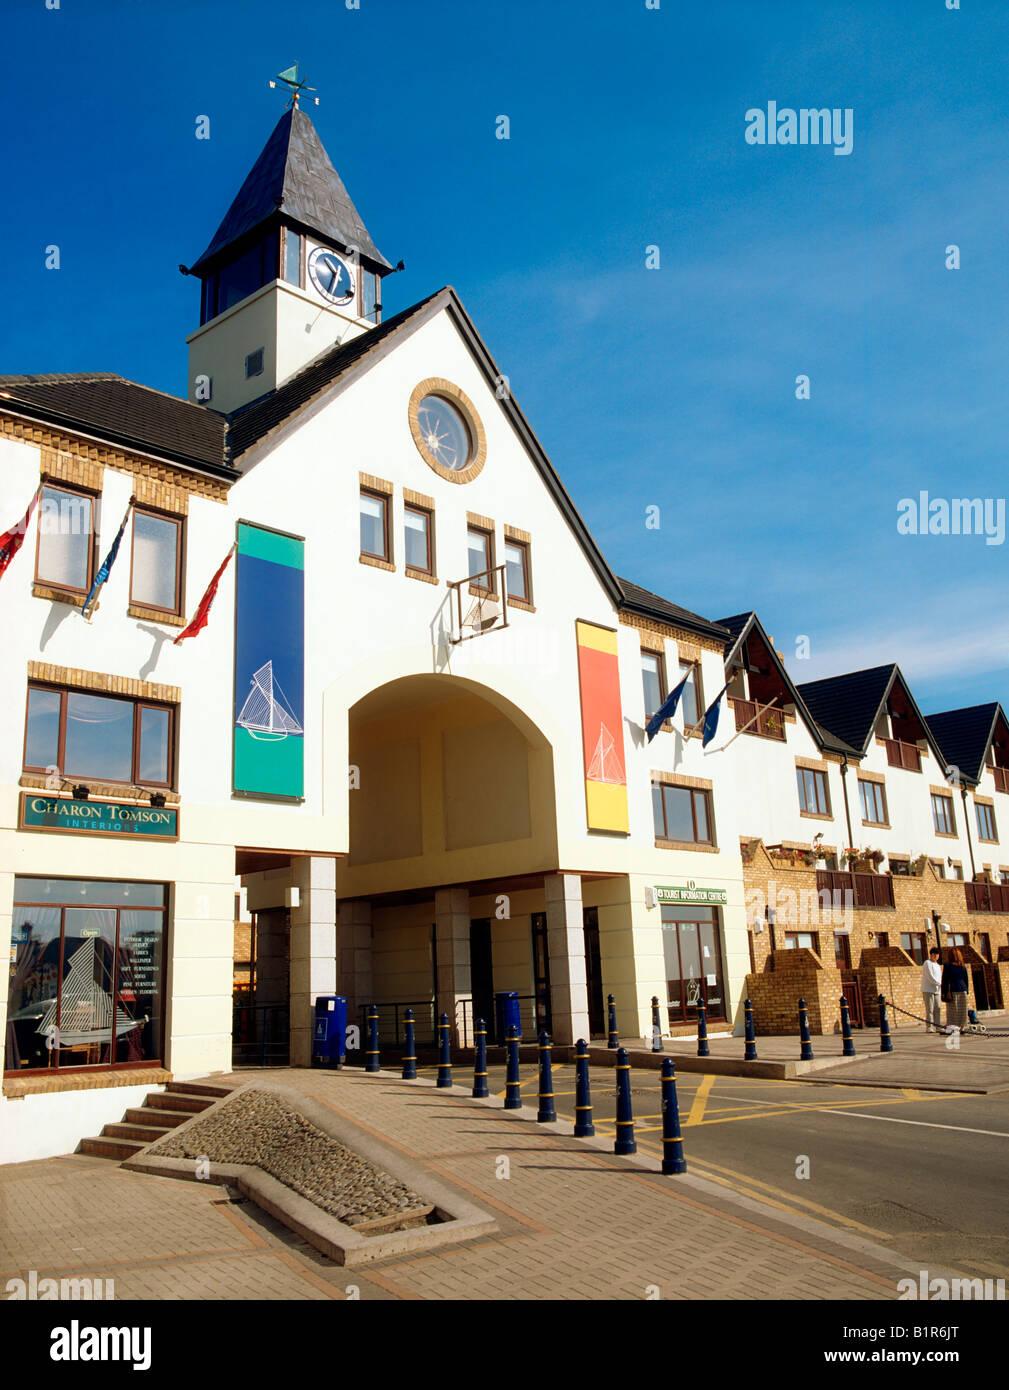 Malahide, Co Dublin, Ireland, Entrance of Malahide Marina Village - Stock Image